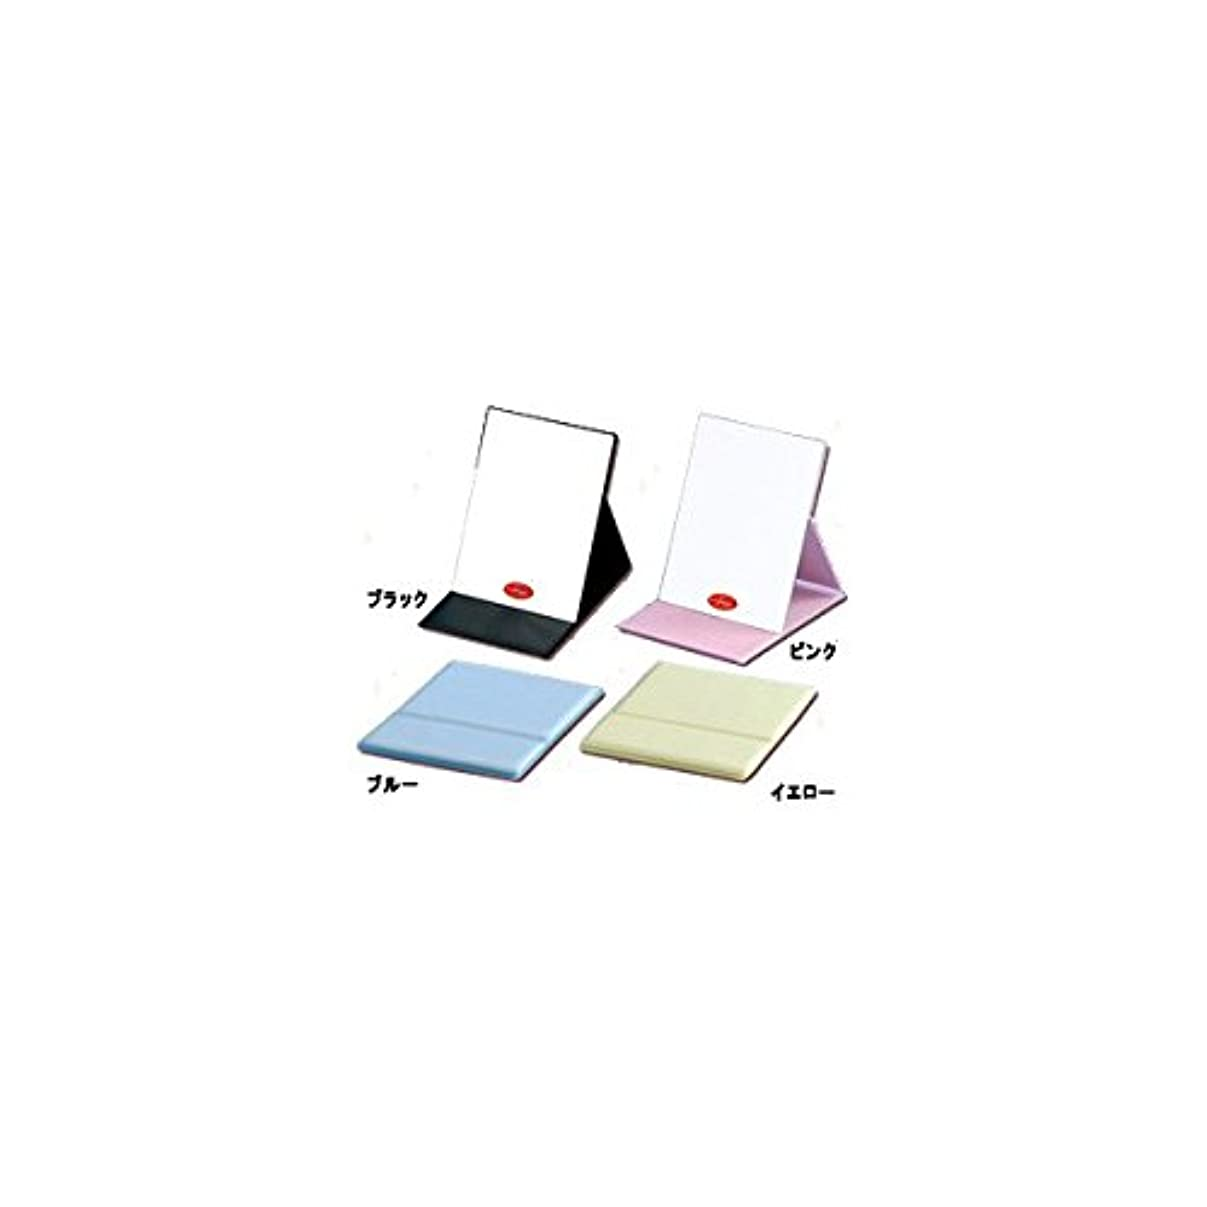 症候群宿命インシデントナピュア プロモデル カラーバージョン折立ミラー M ピンク